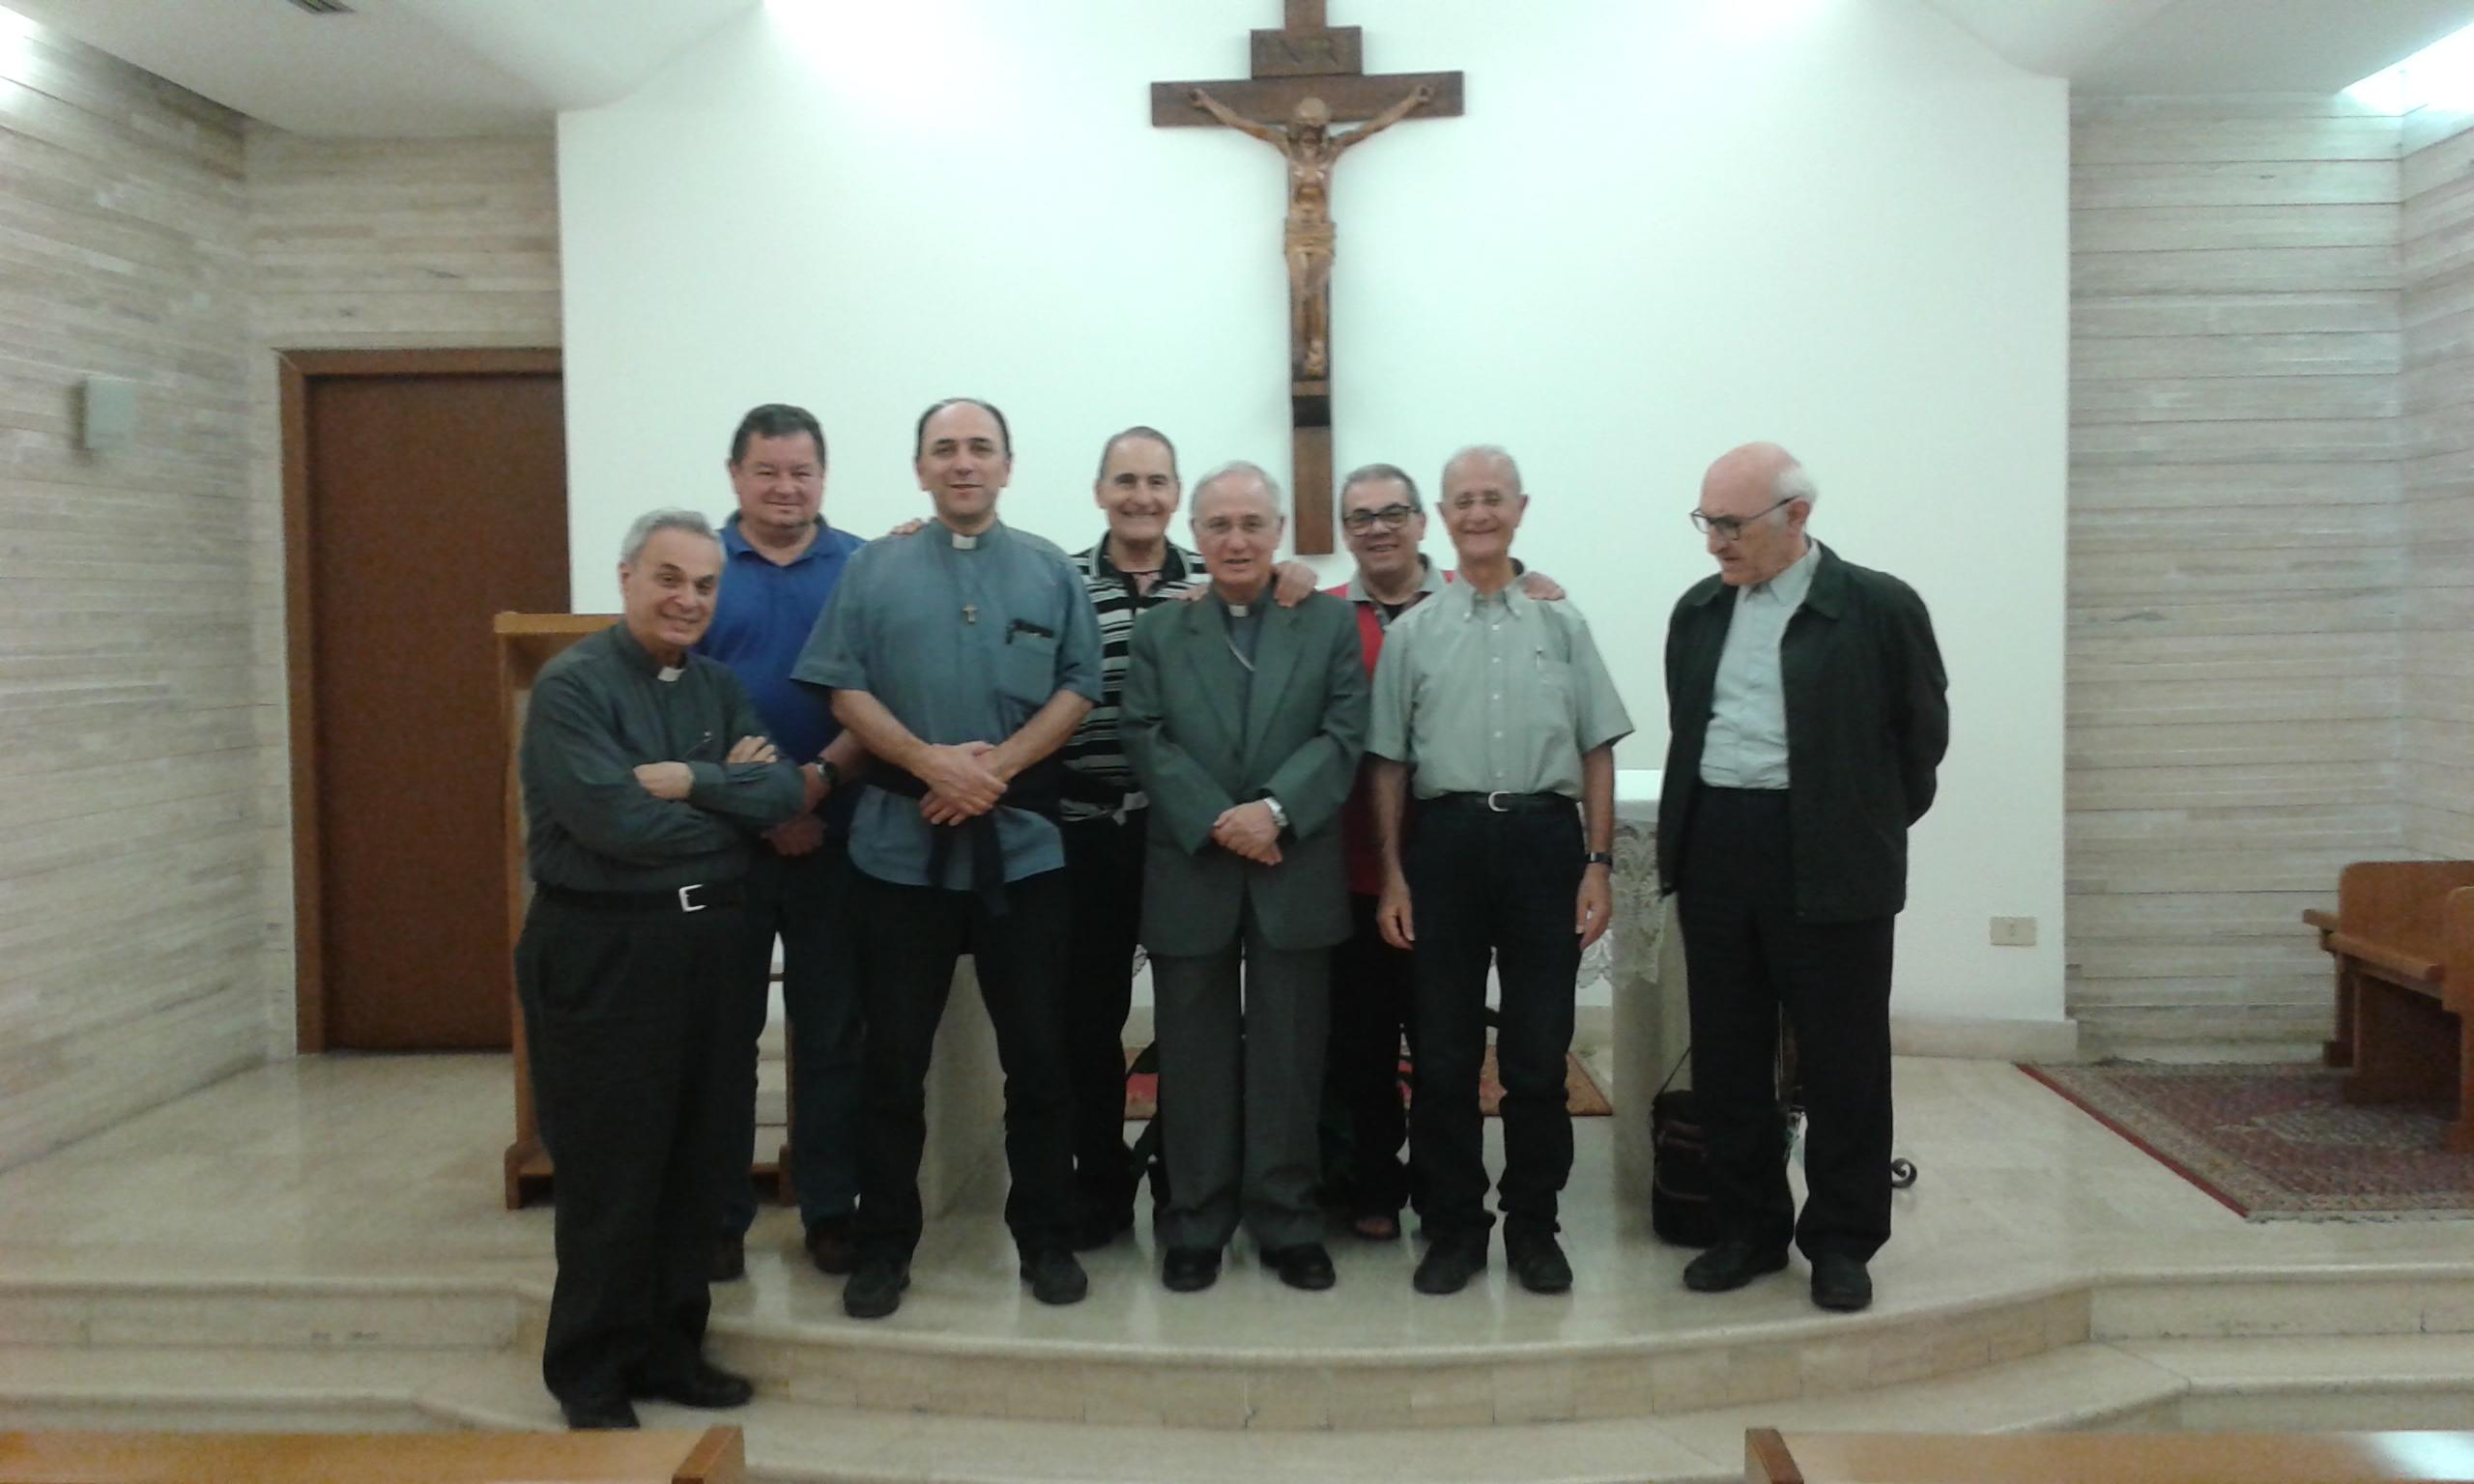 i partecipanti al Consiglio nazionale del 30 maggio 2017 nella Sala della cappella della Stazione Termini a Roma.